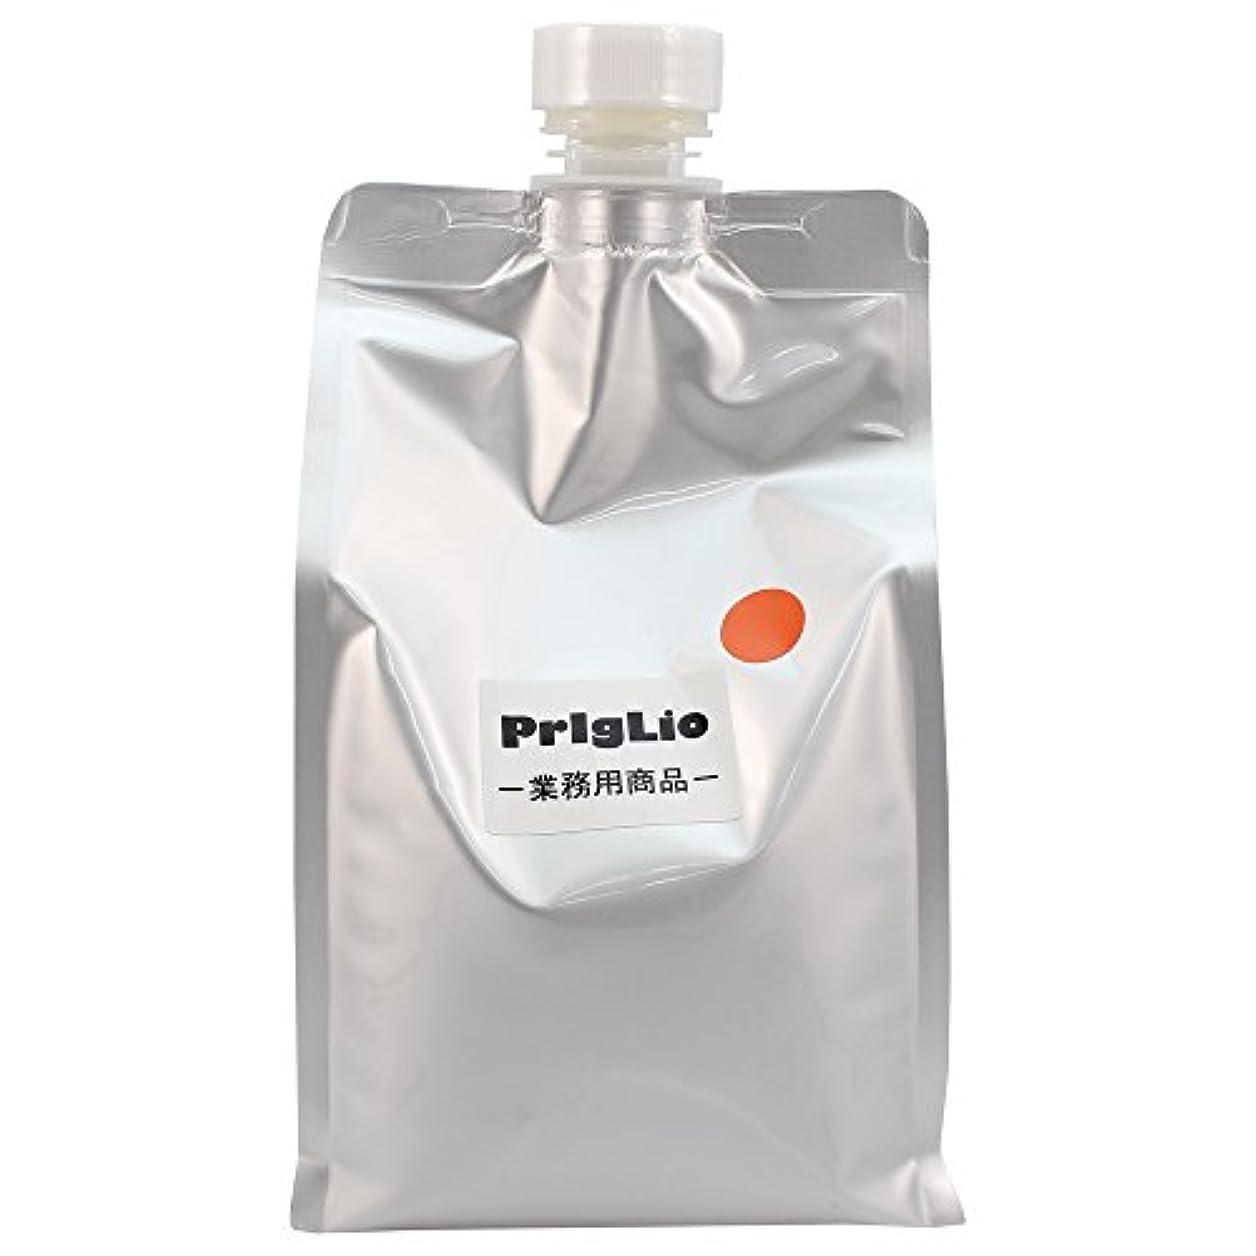 アスレチック間違いなく確保するプリグリオD ナチュラルハーブシャンプー オレンジ 900ml